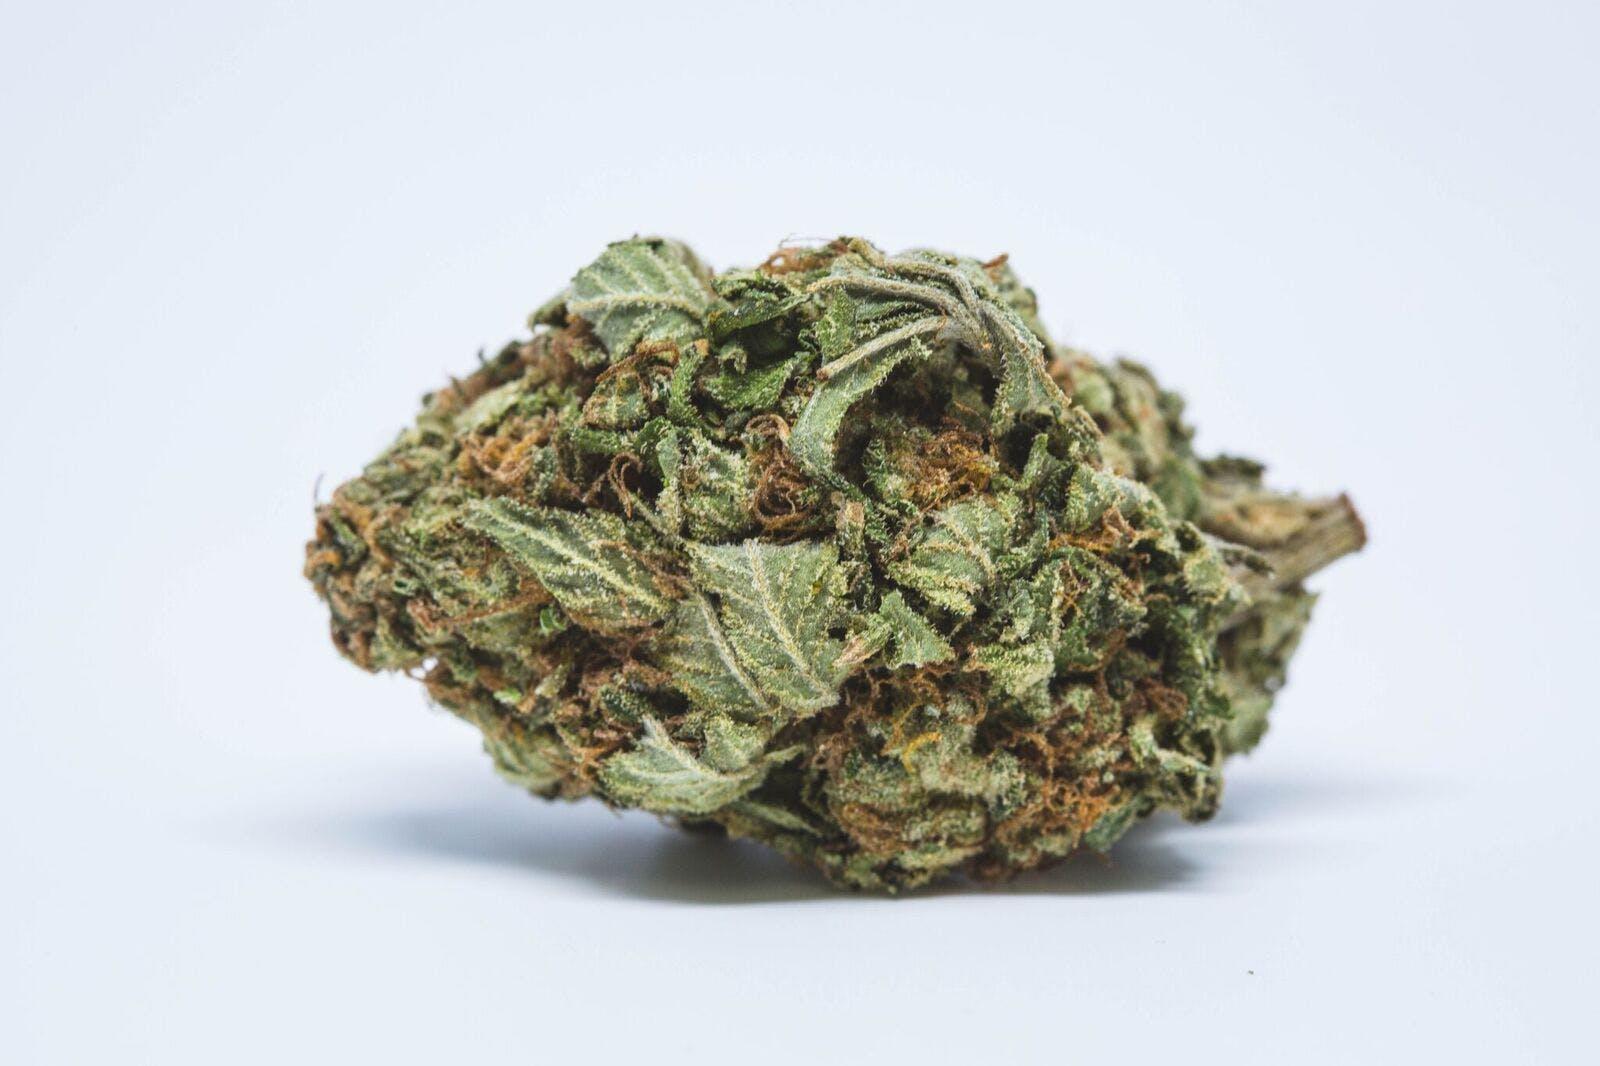 Whitewalker OG Weed; Whitewalker OG Cannabis Strain; Whitewalker OG Indica Marijuana Strain